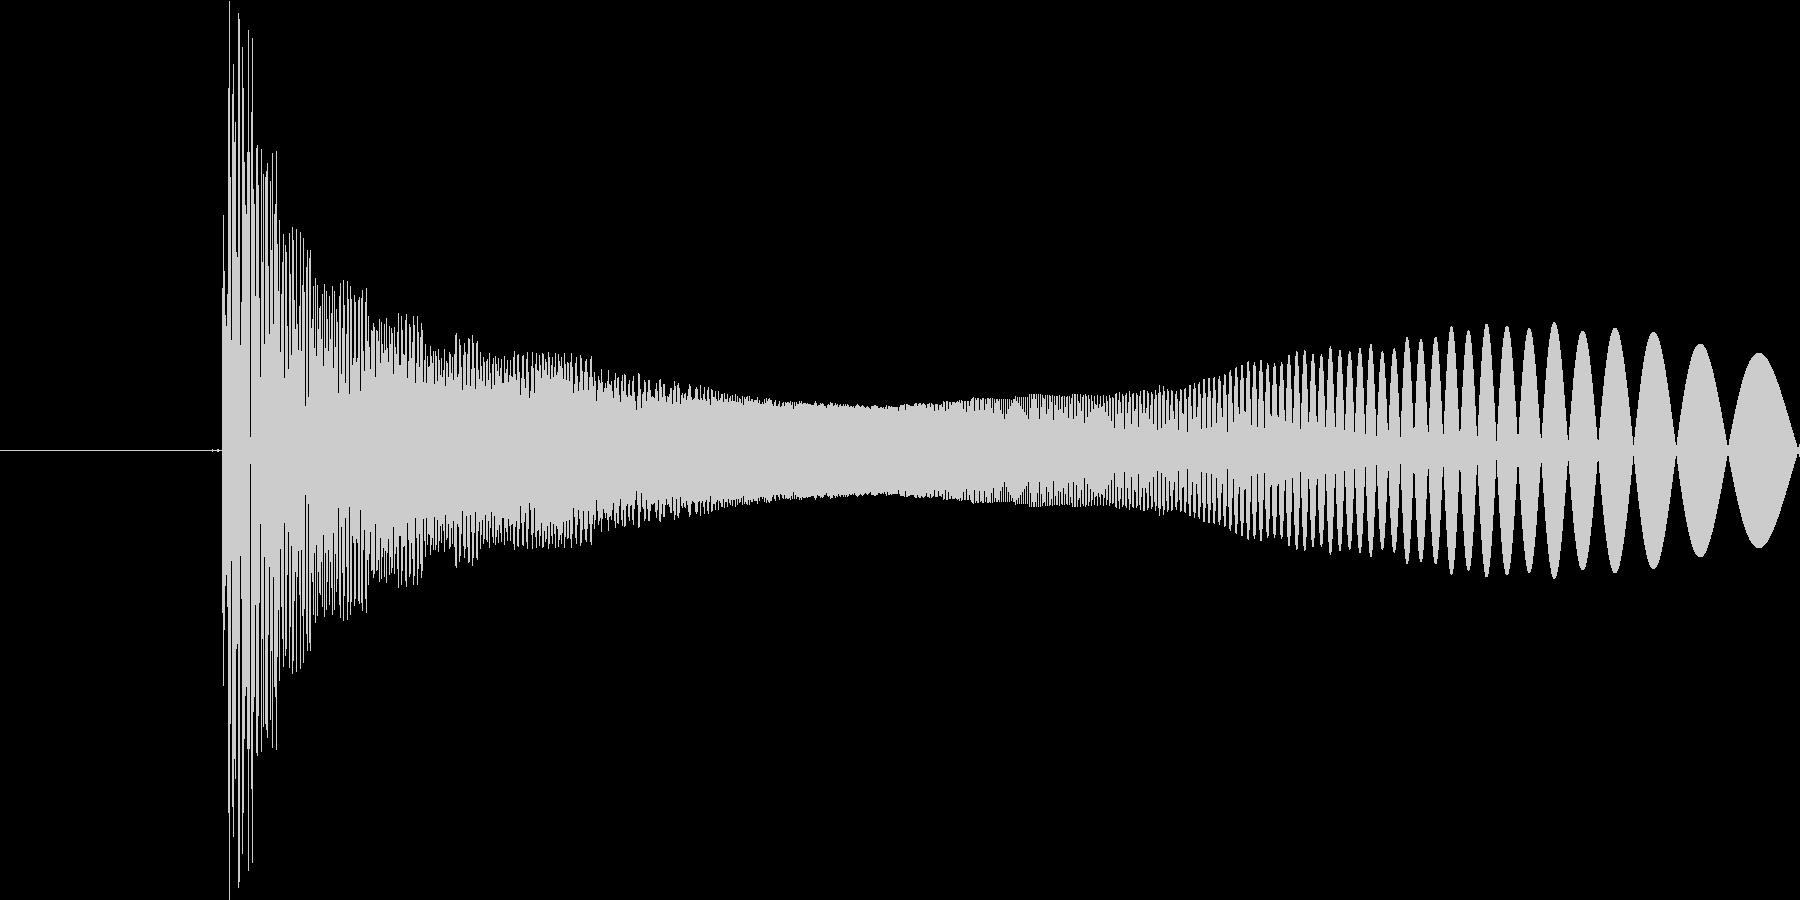 ピヨン(クリック音のような音)の未再生の波形